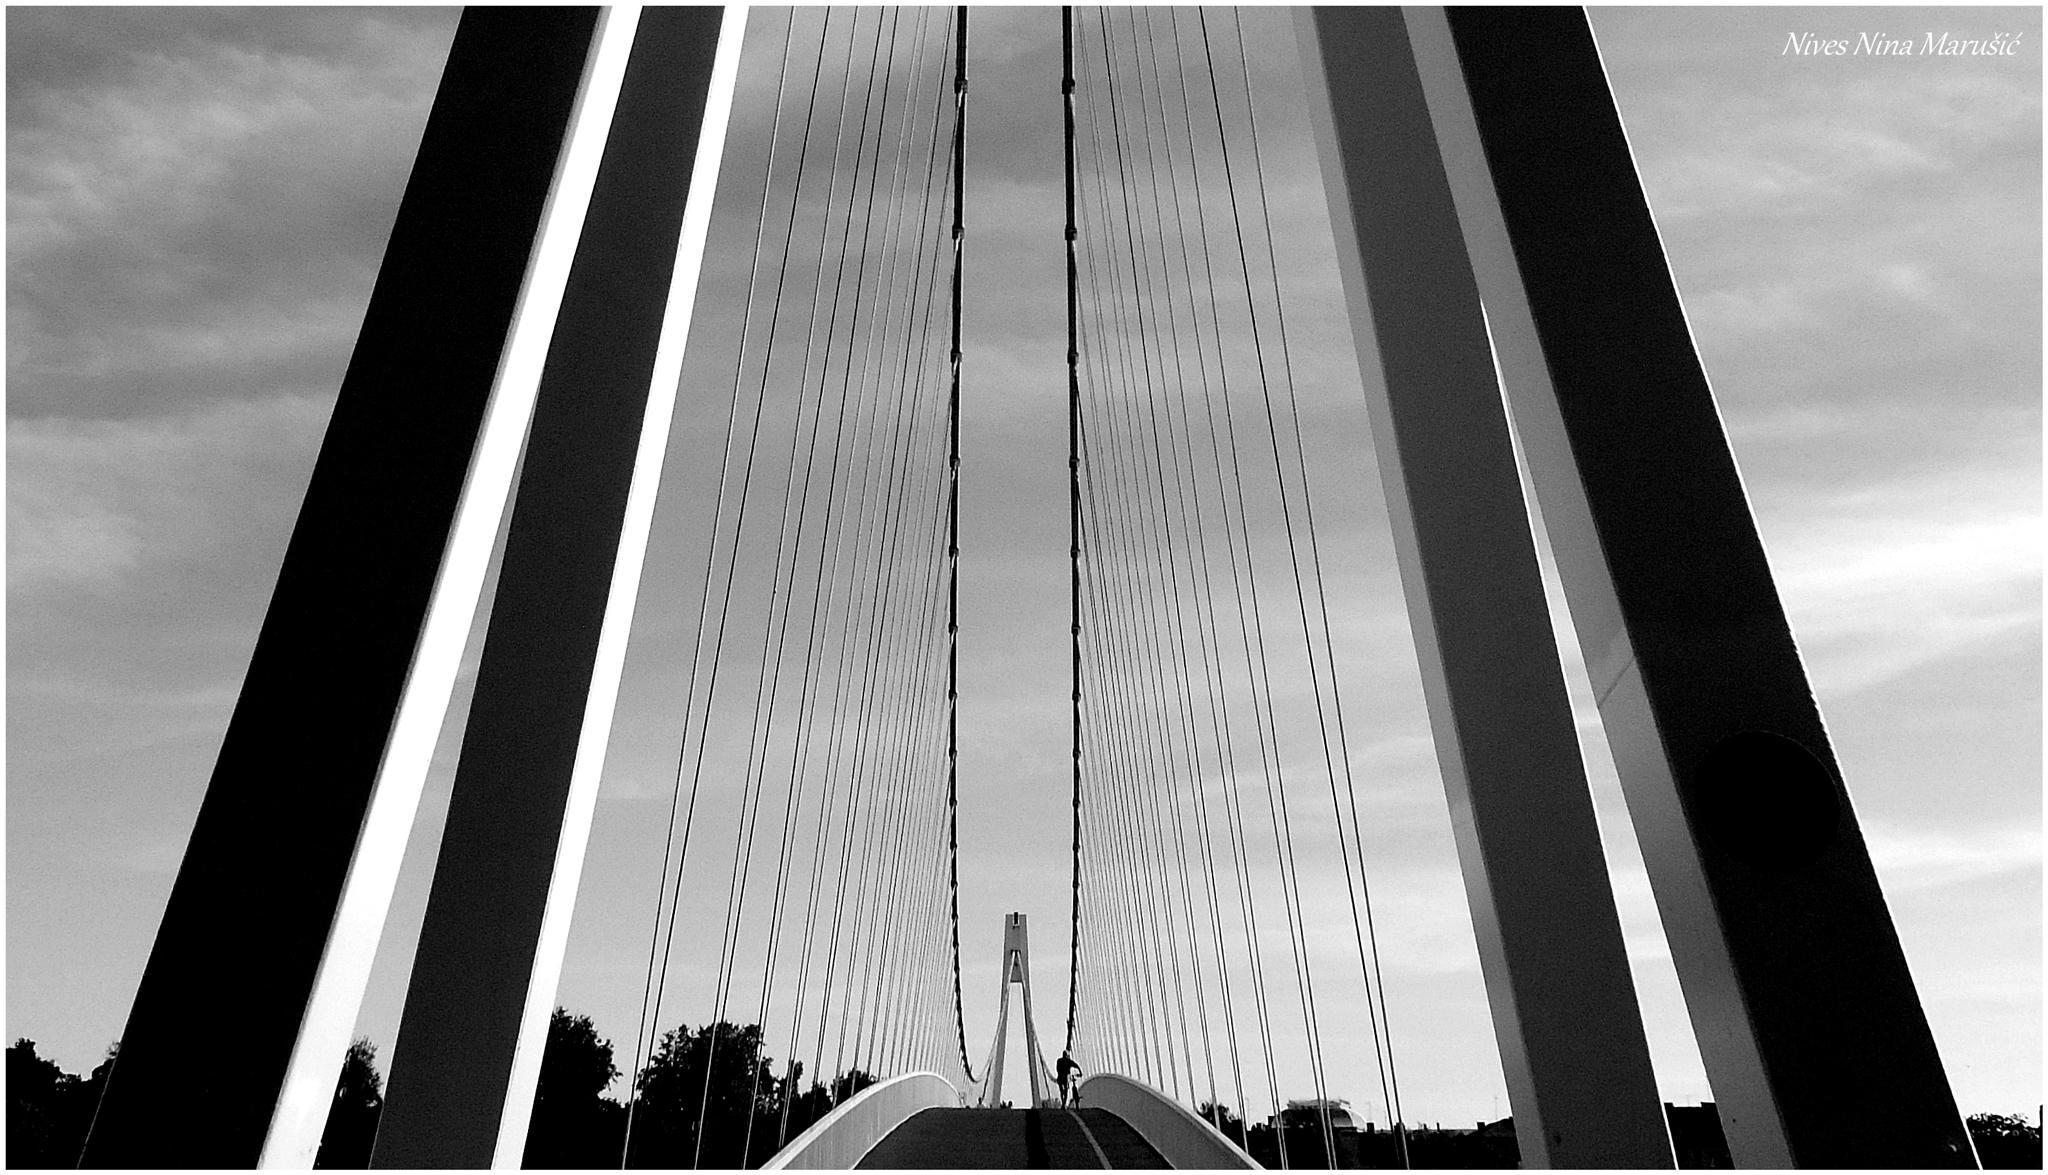 bridge 1 by nives.n.marusic